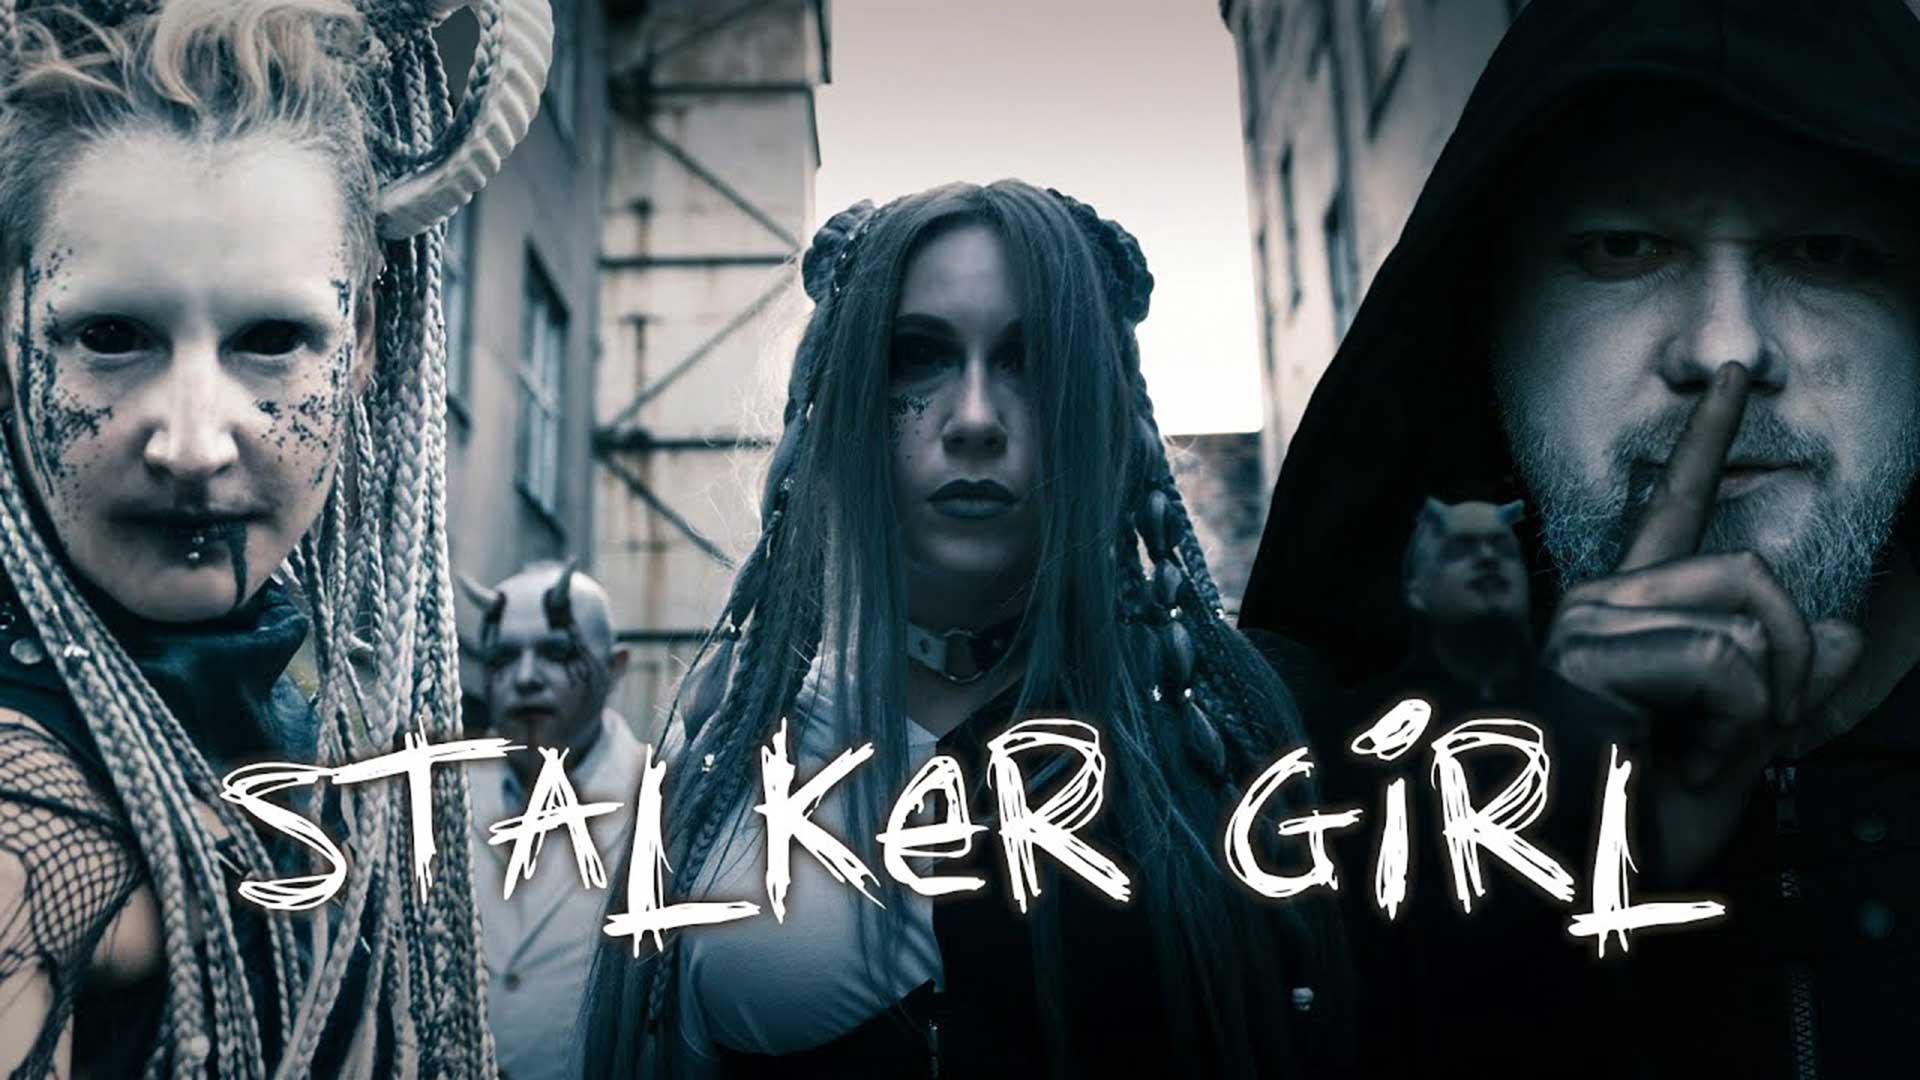 how stalker girl